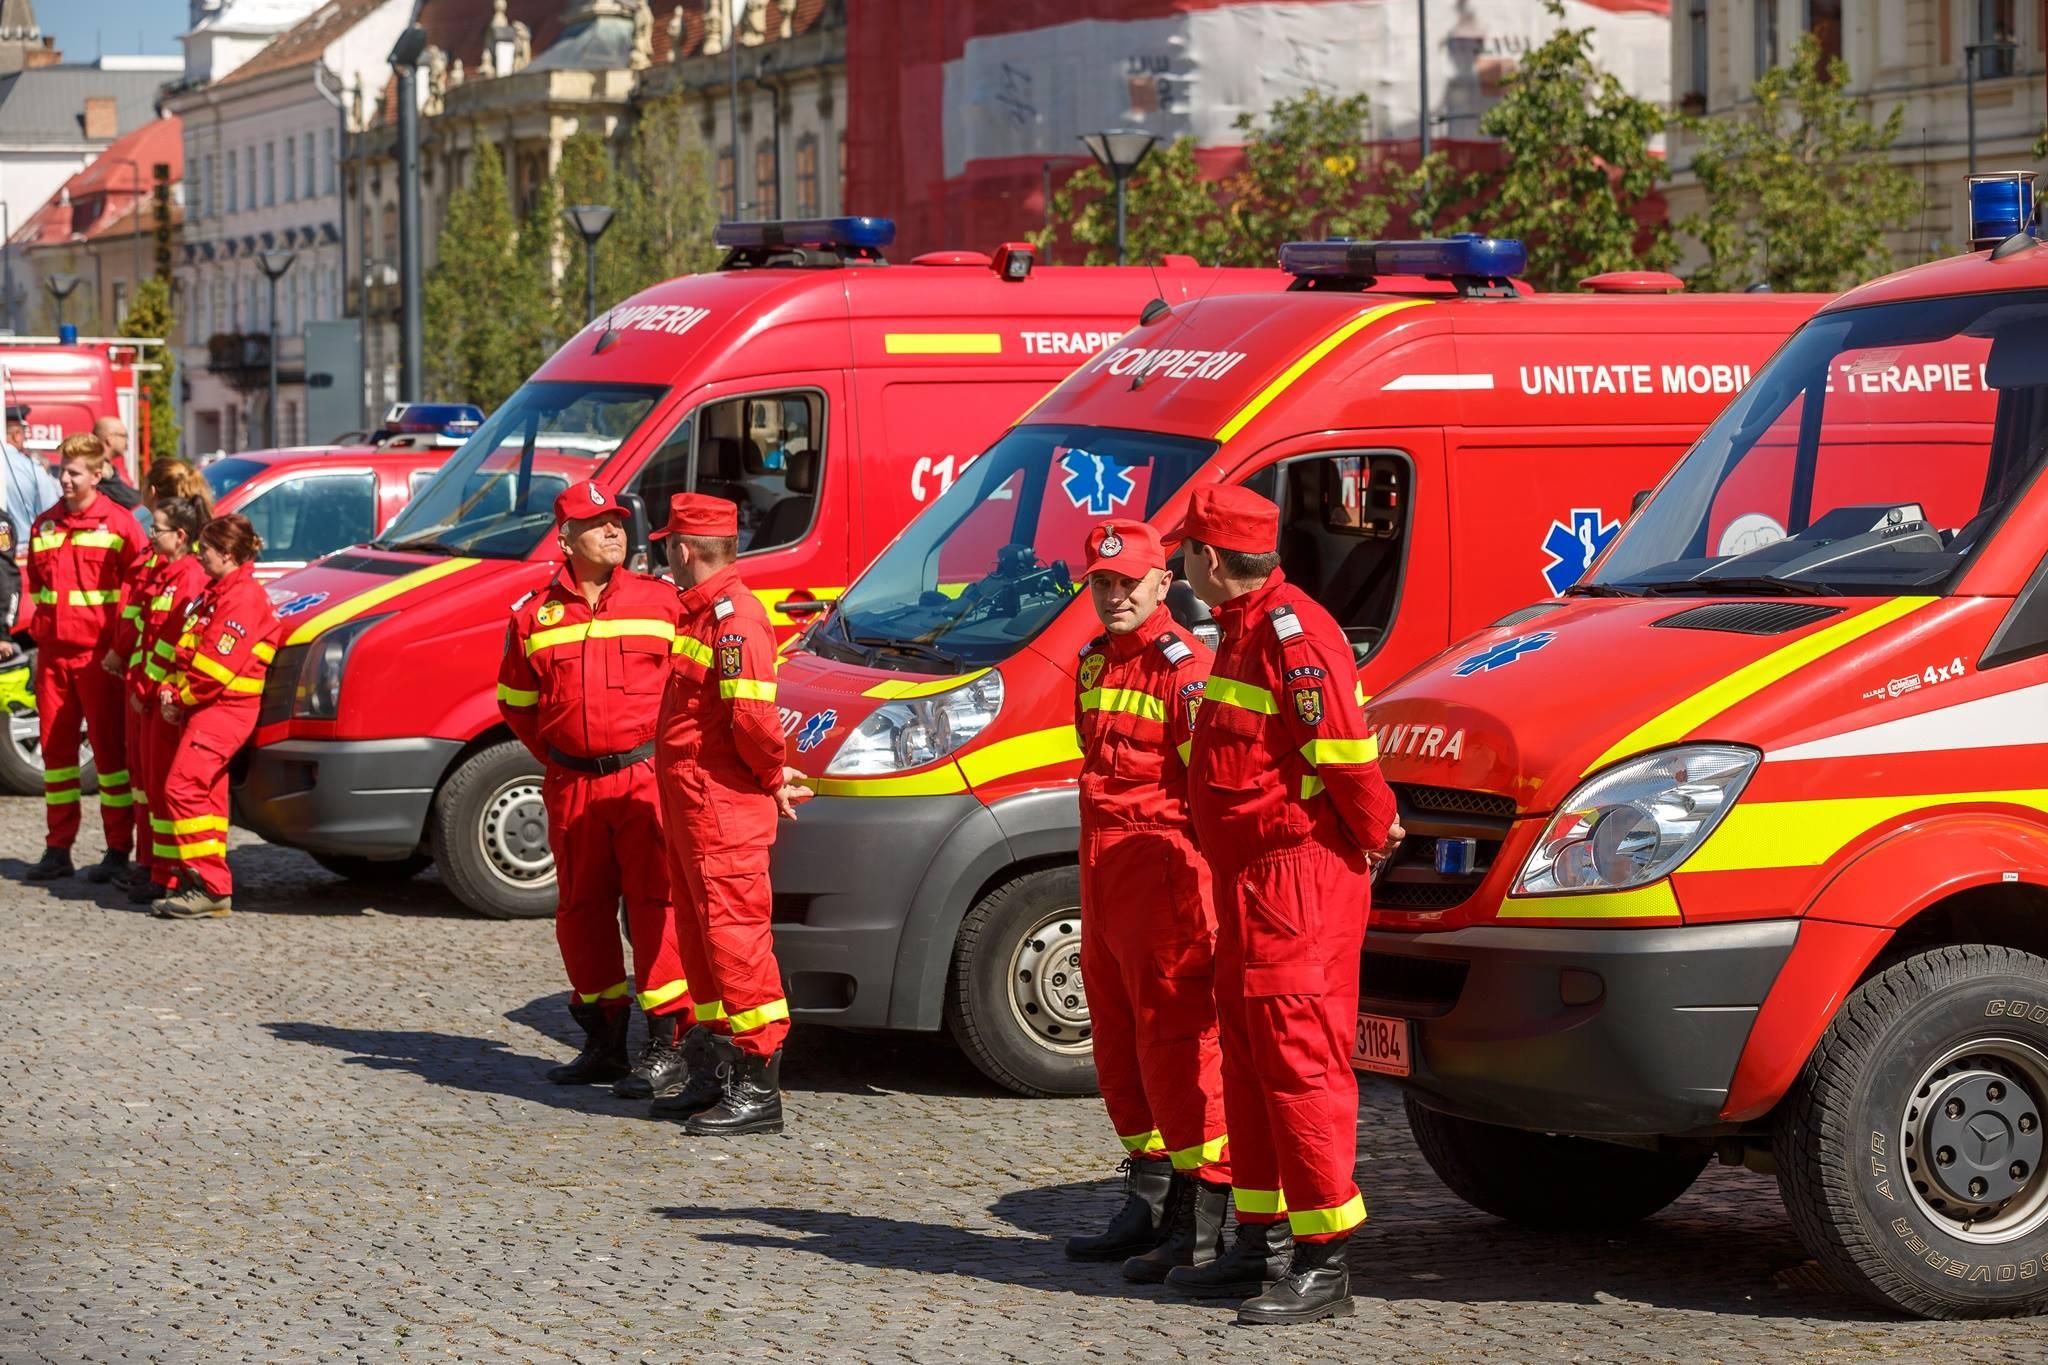 Aproape 2.000 de morţi pe şoselele din România! Suntem pe primul loc in Uniunea Europeana!